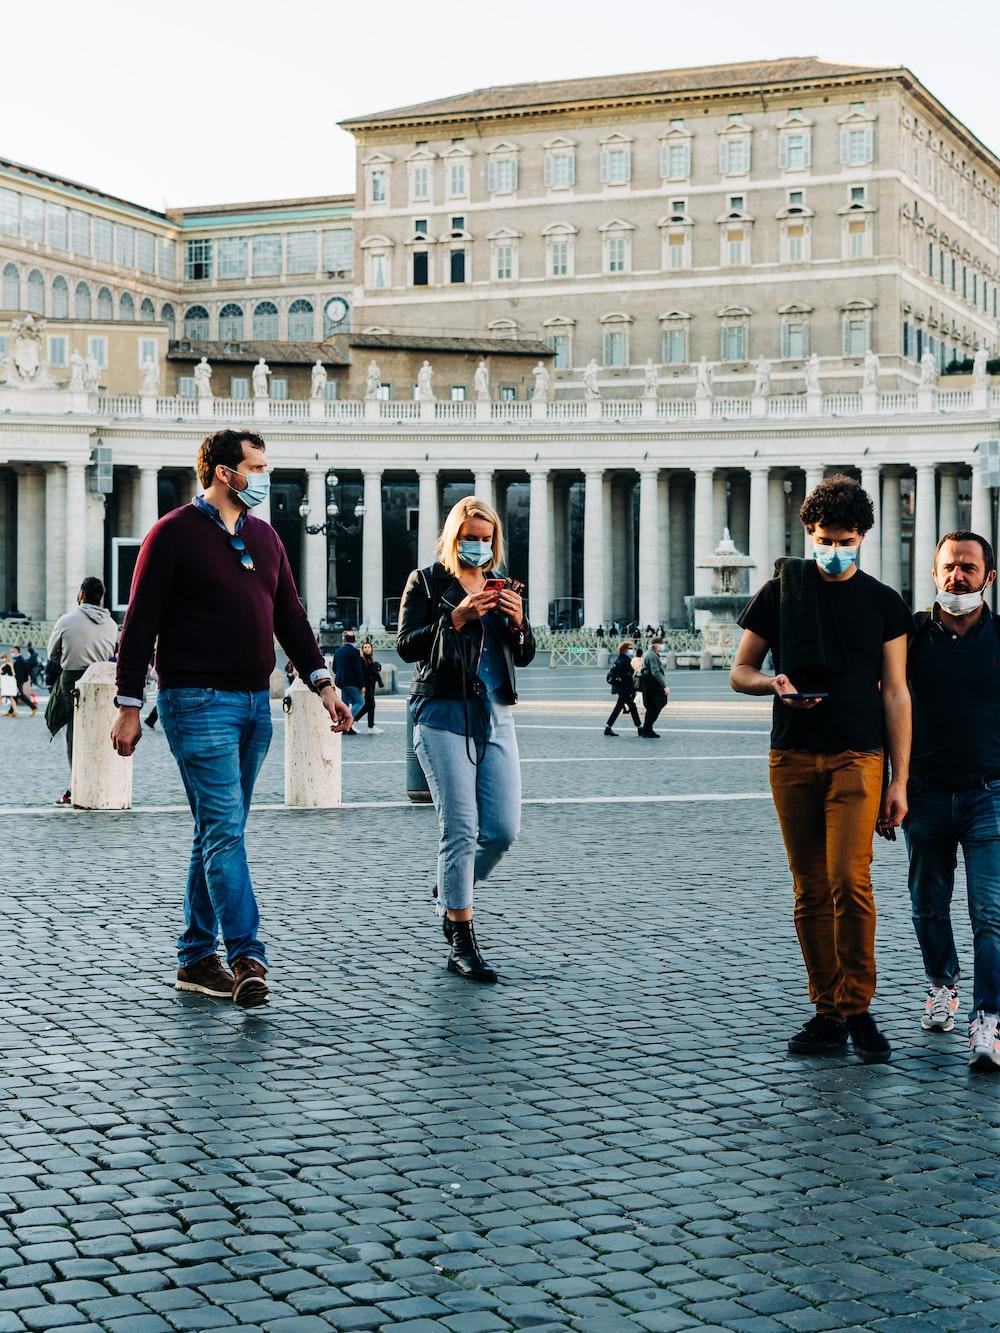 3 men and woman walking on street during daytime